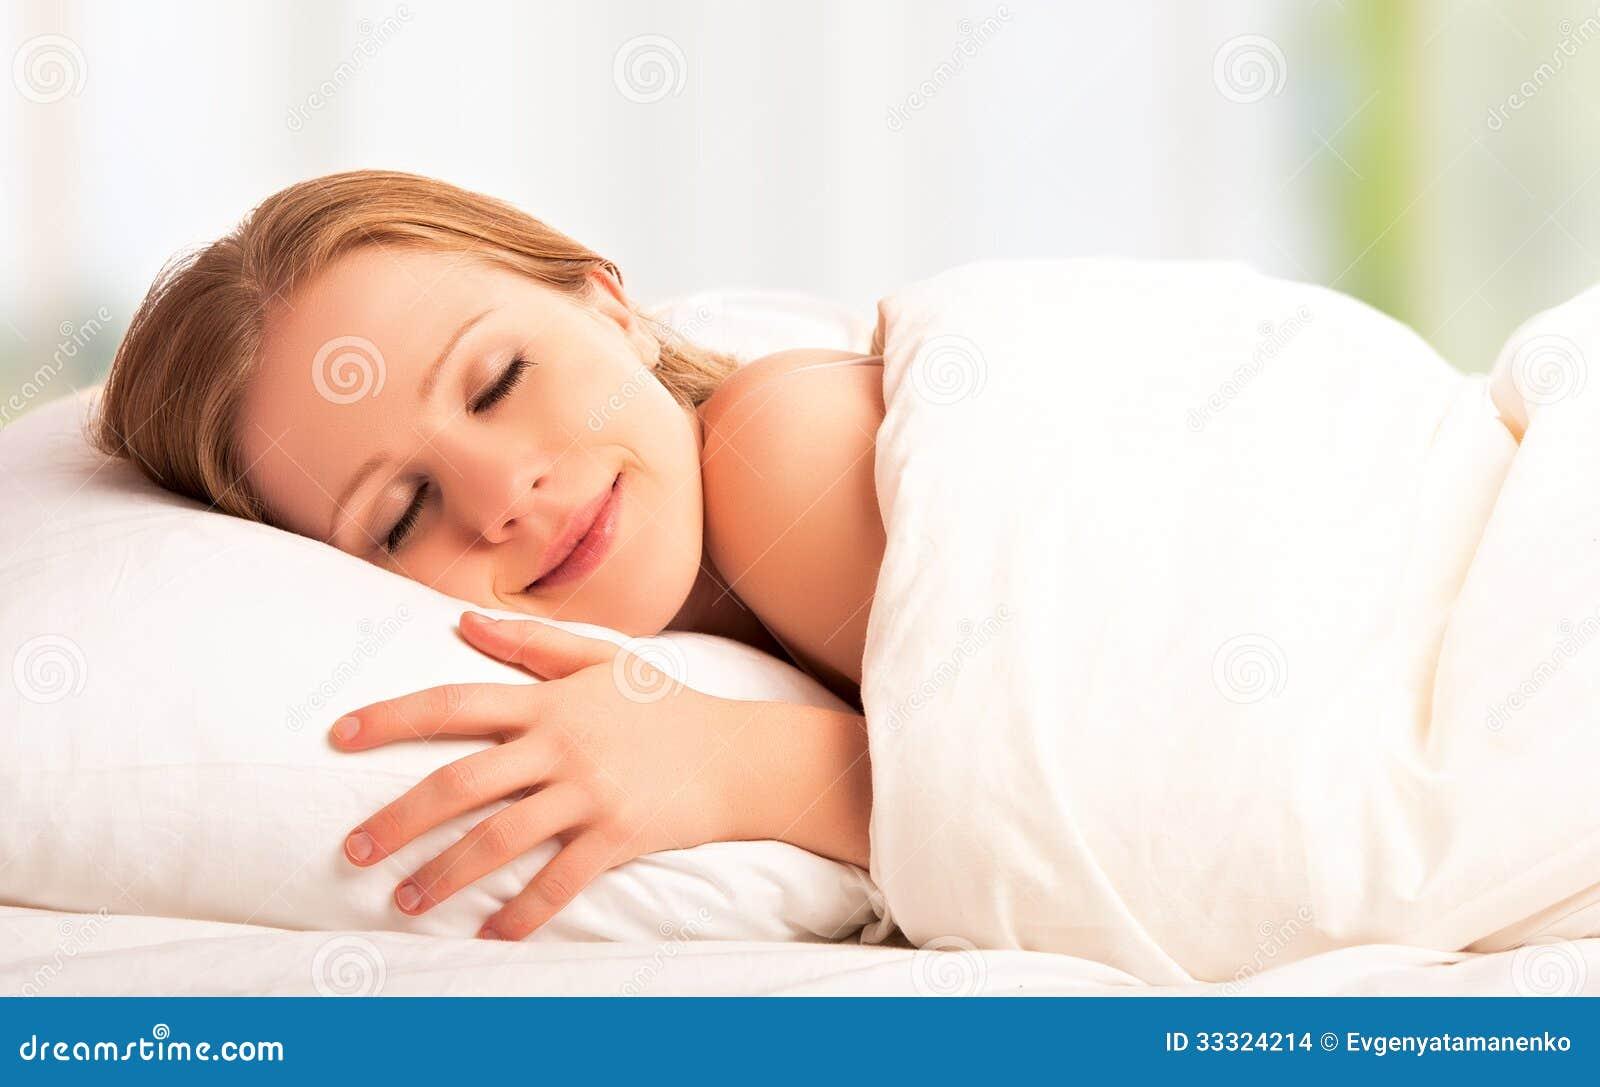 Bei sonno e sorrisi della donna nel suo sonno a letto - Immagini innamorati a letto ...